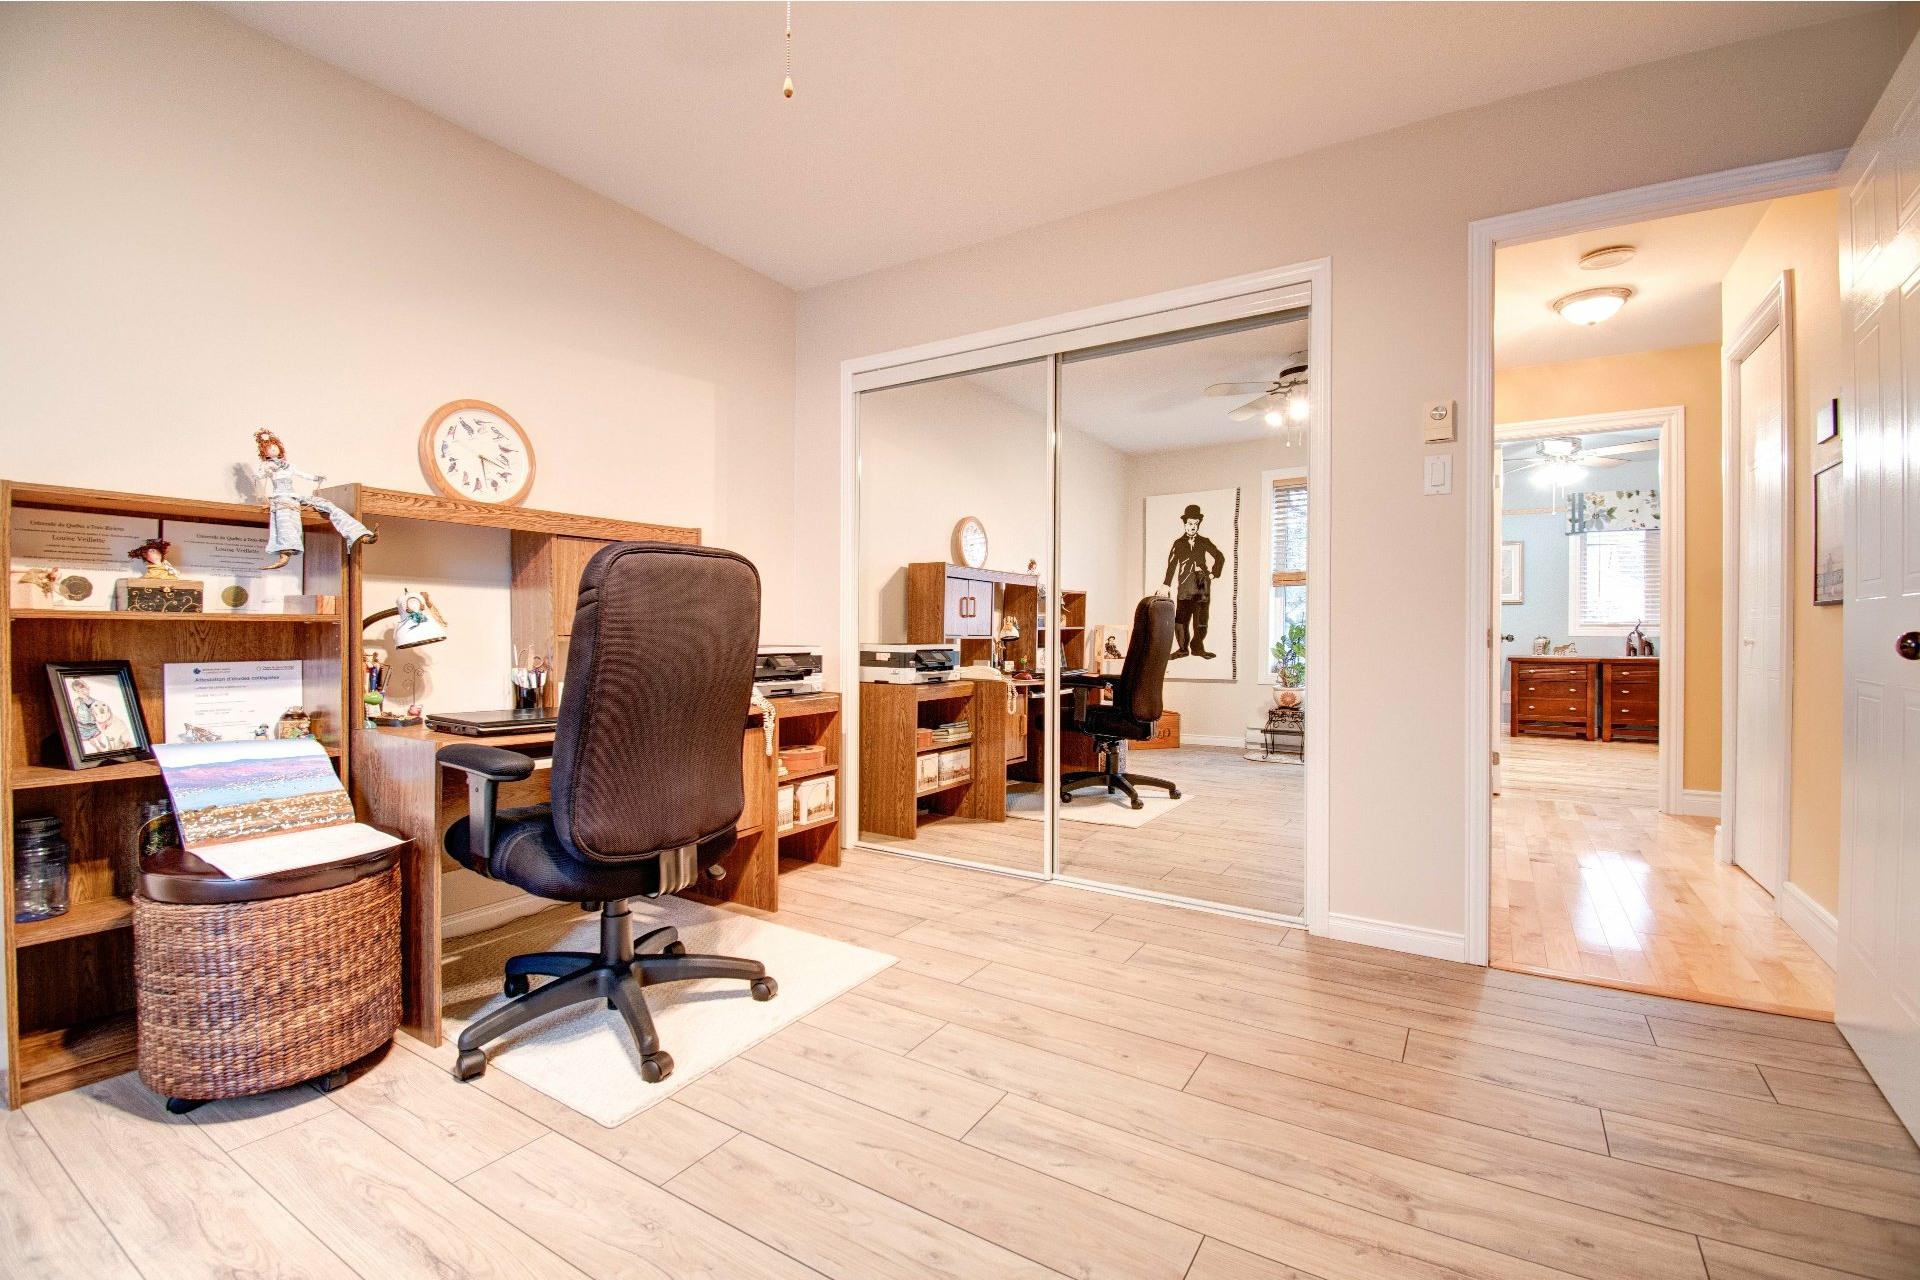 image 11 - Maison À vendre Trois-Rivières - 11 pièces